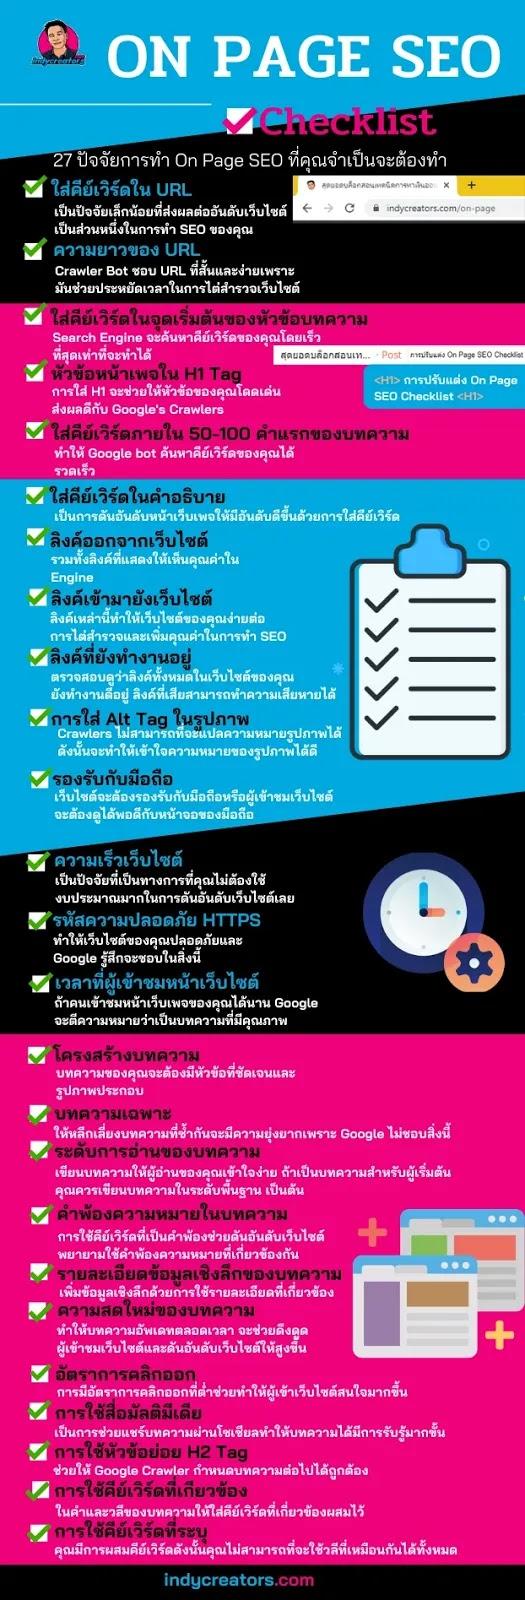 27 ปัจจัยที่ส่งผลต่อการทำ on page seo